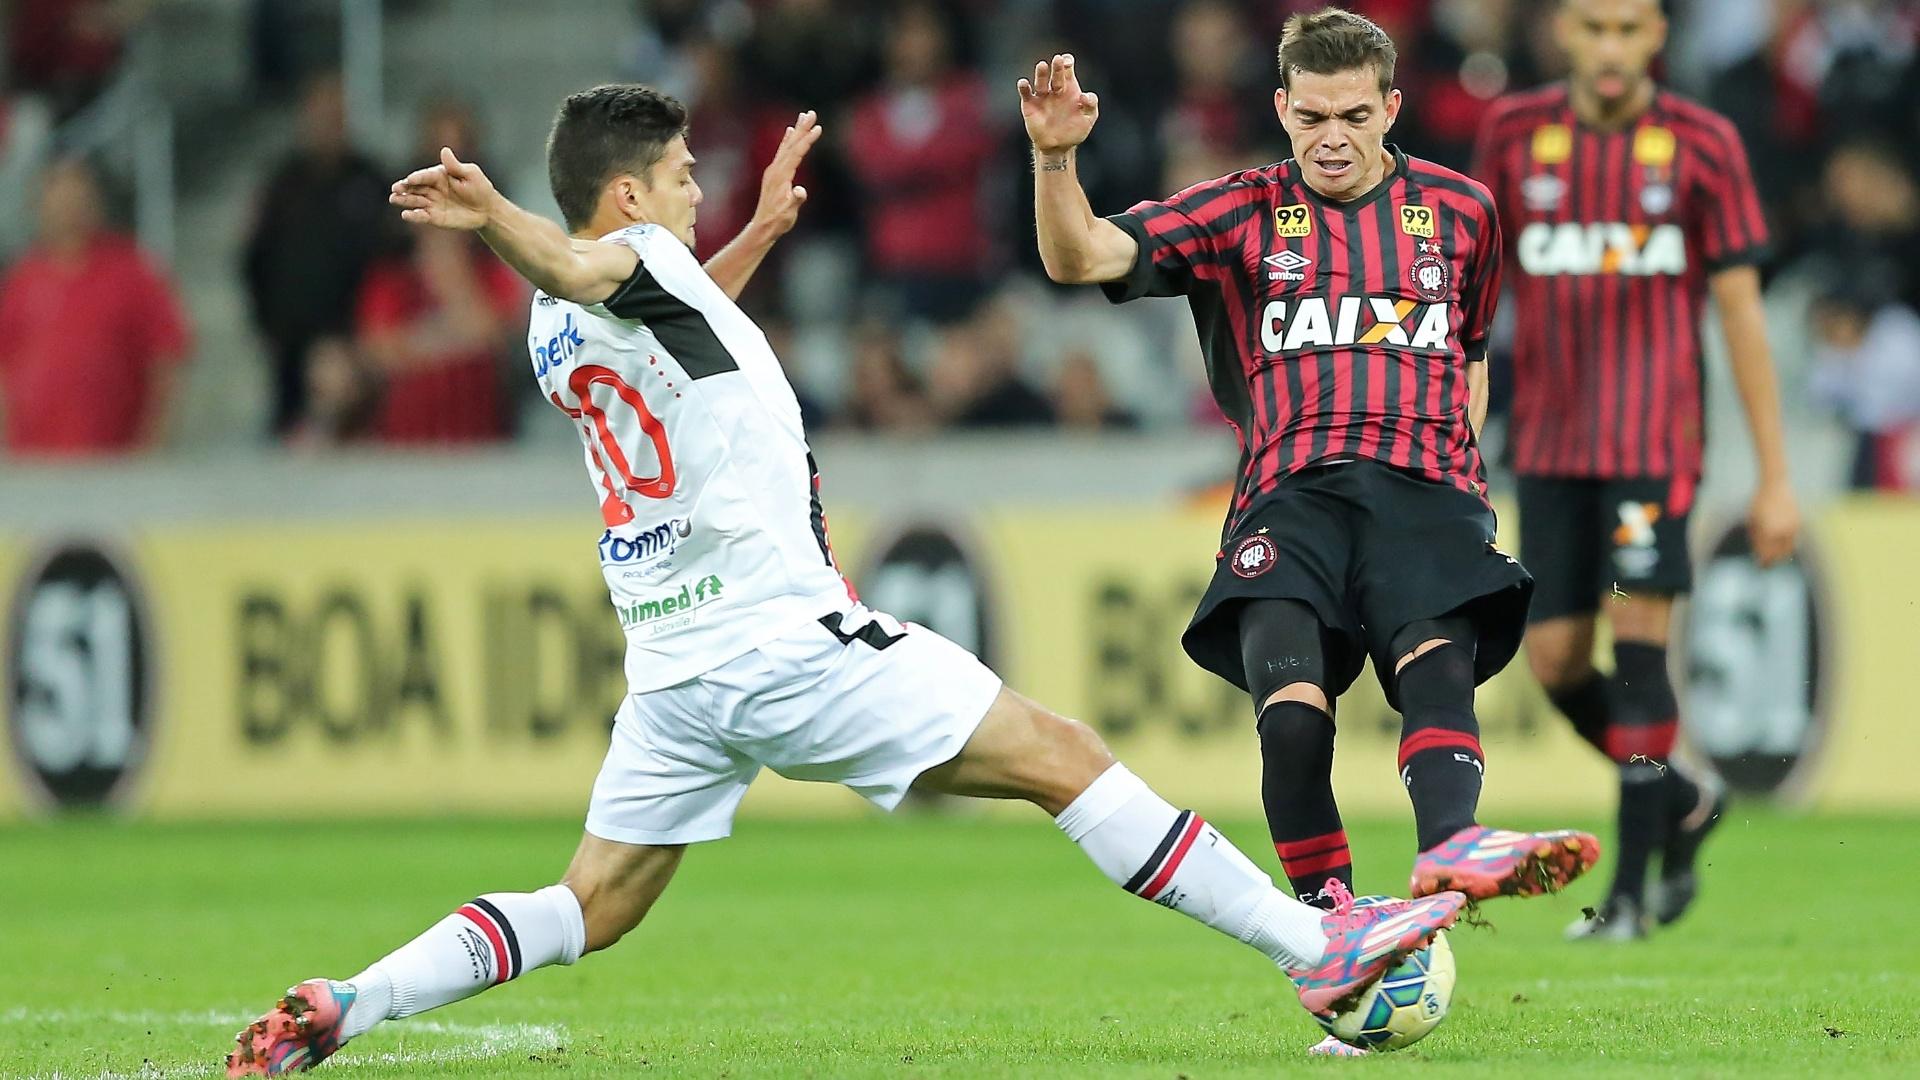 Fernando Viana (esq.), do Joinville, disputa lance com Daniel Hernandez, do Atlético-PR Paranaense, em partida disputada neste sábado (5), pela Série A do Campeonato Brasileiro